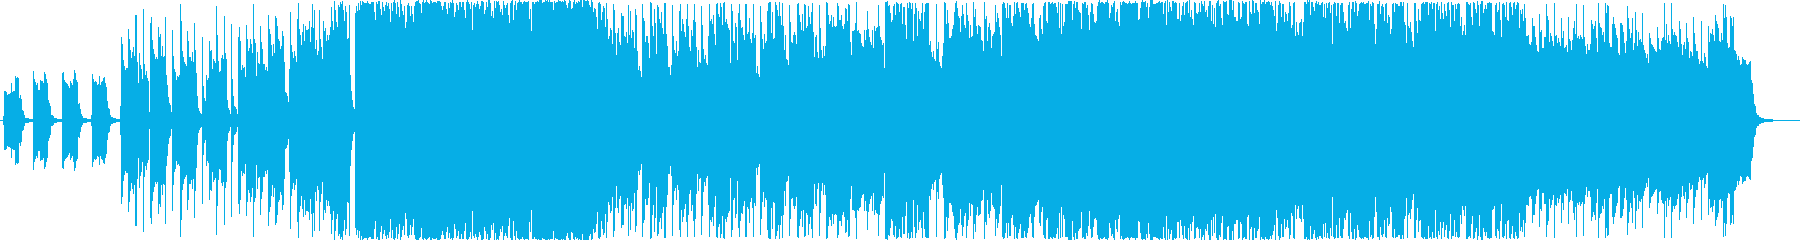 癒し系女性ボーカルポップスの再生済みの波形